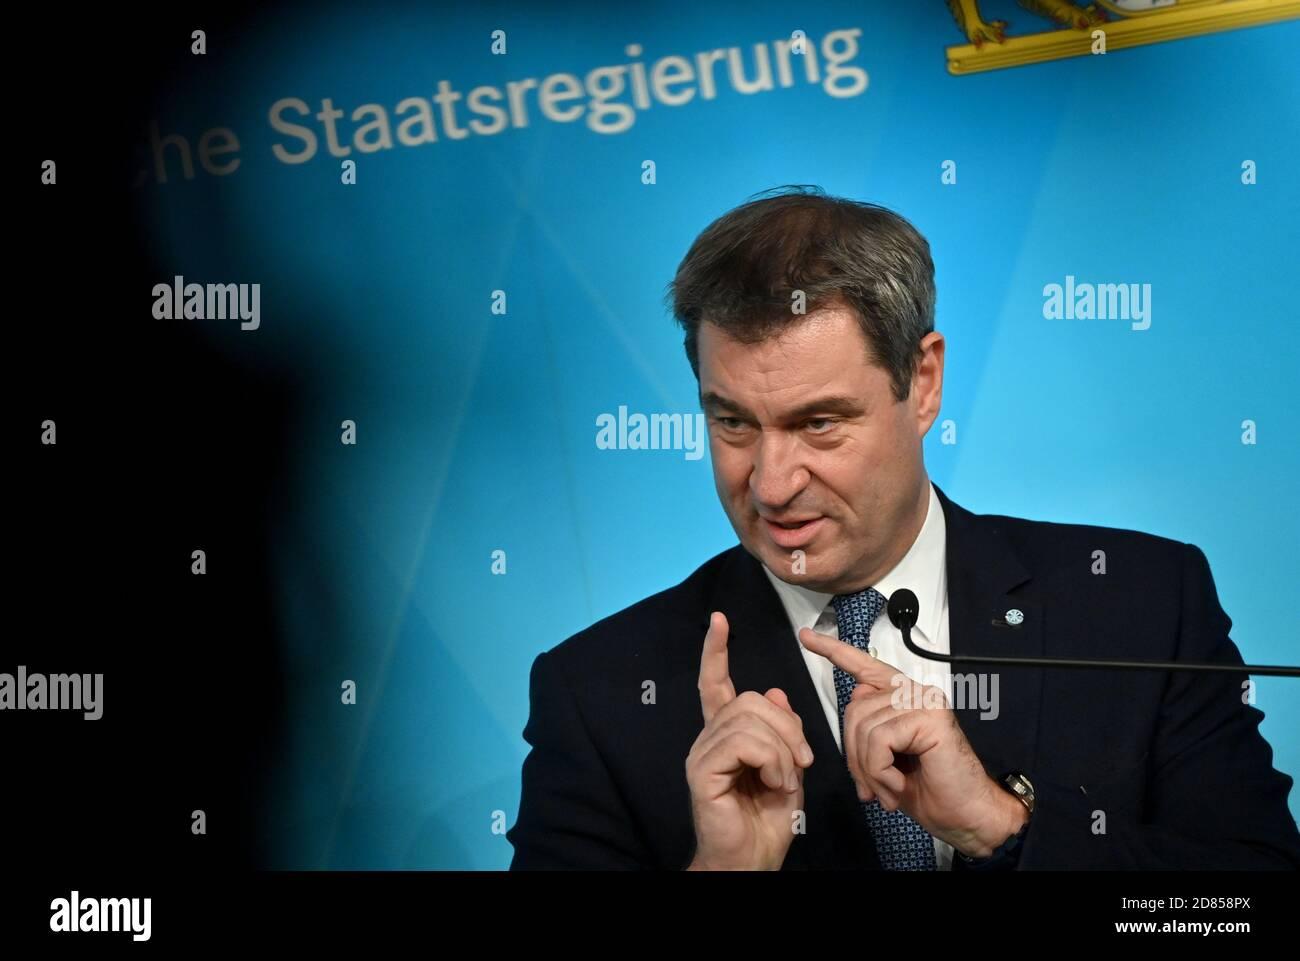 München, Deutschland. Oktober 2020. Im Anschluss an die Kabinettssitzung wird der bayerische Ministerpräsident Markus Söder (CSU) auf einer Pressekonferenz sprechen. Kredit: Peter Kneffel/dpa POOL/dpa/Alamy Live Nachrichten Stockfoto